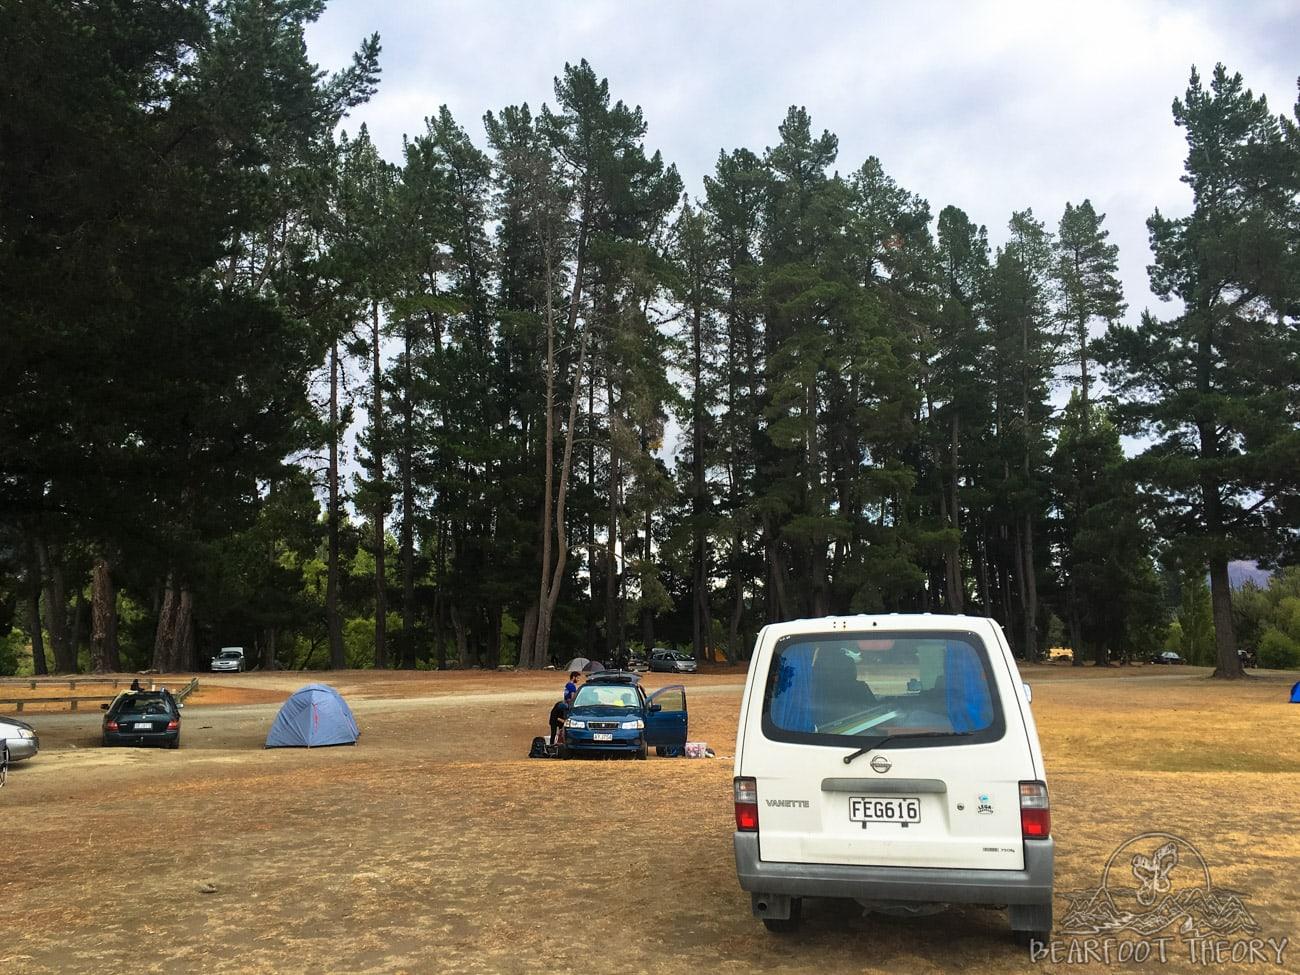 Camping at Albert Town in Wanaka, New Zealand